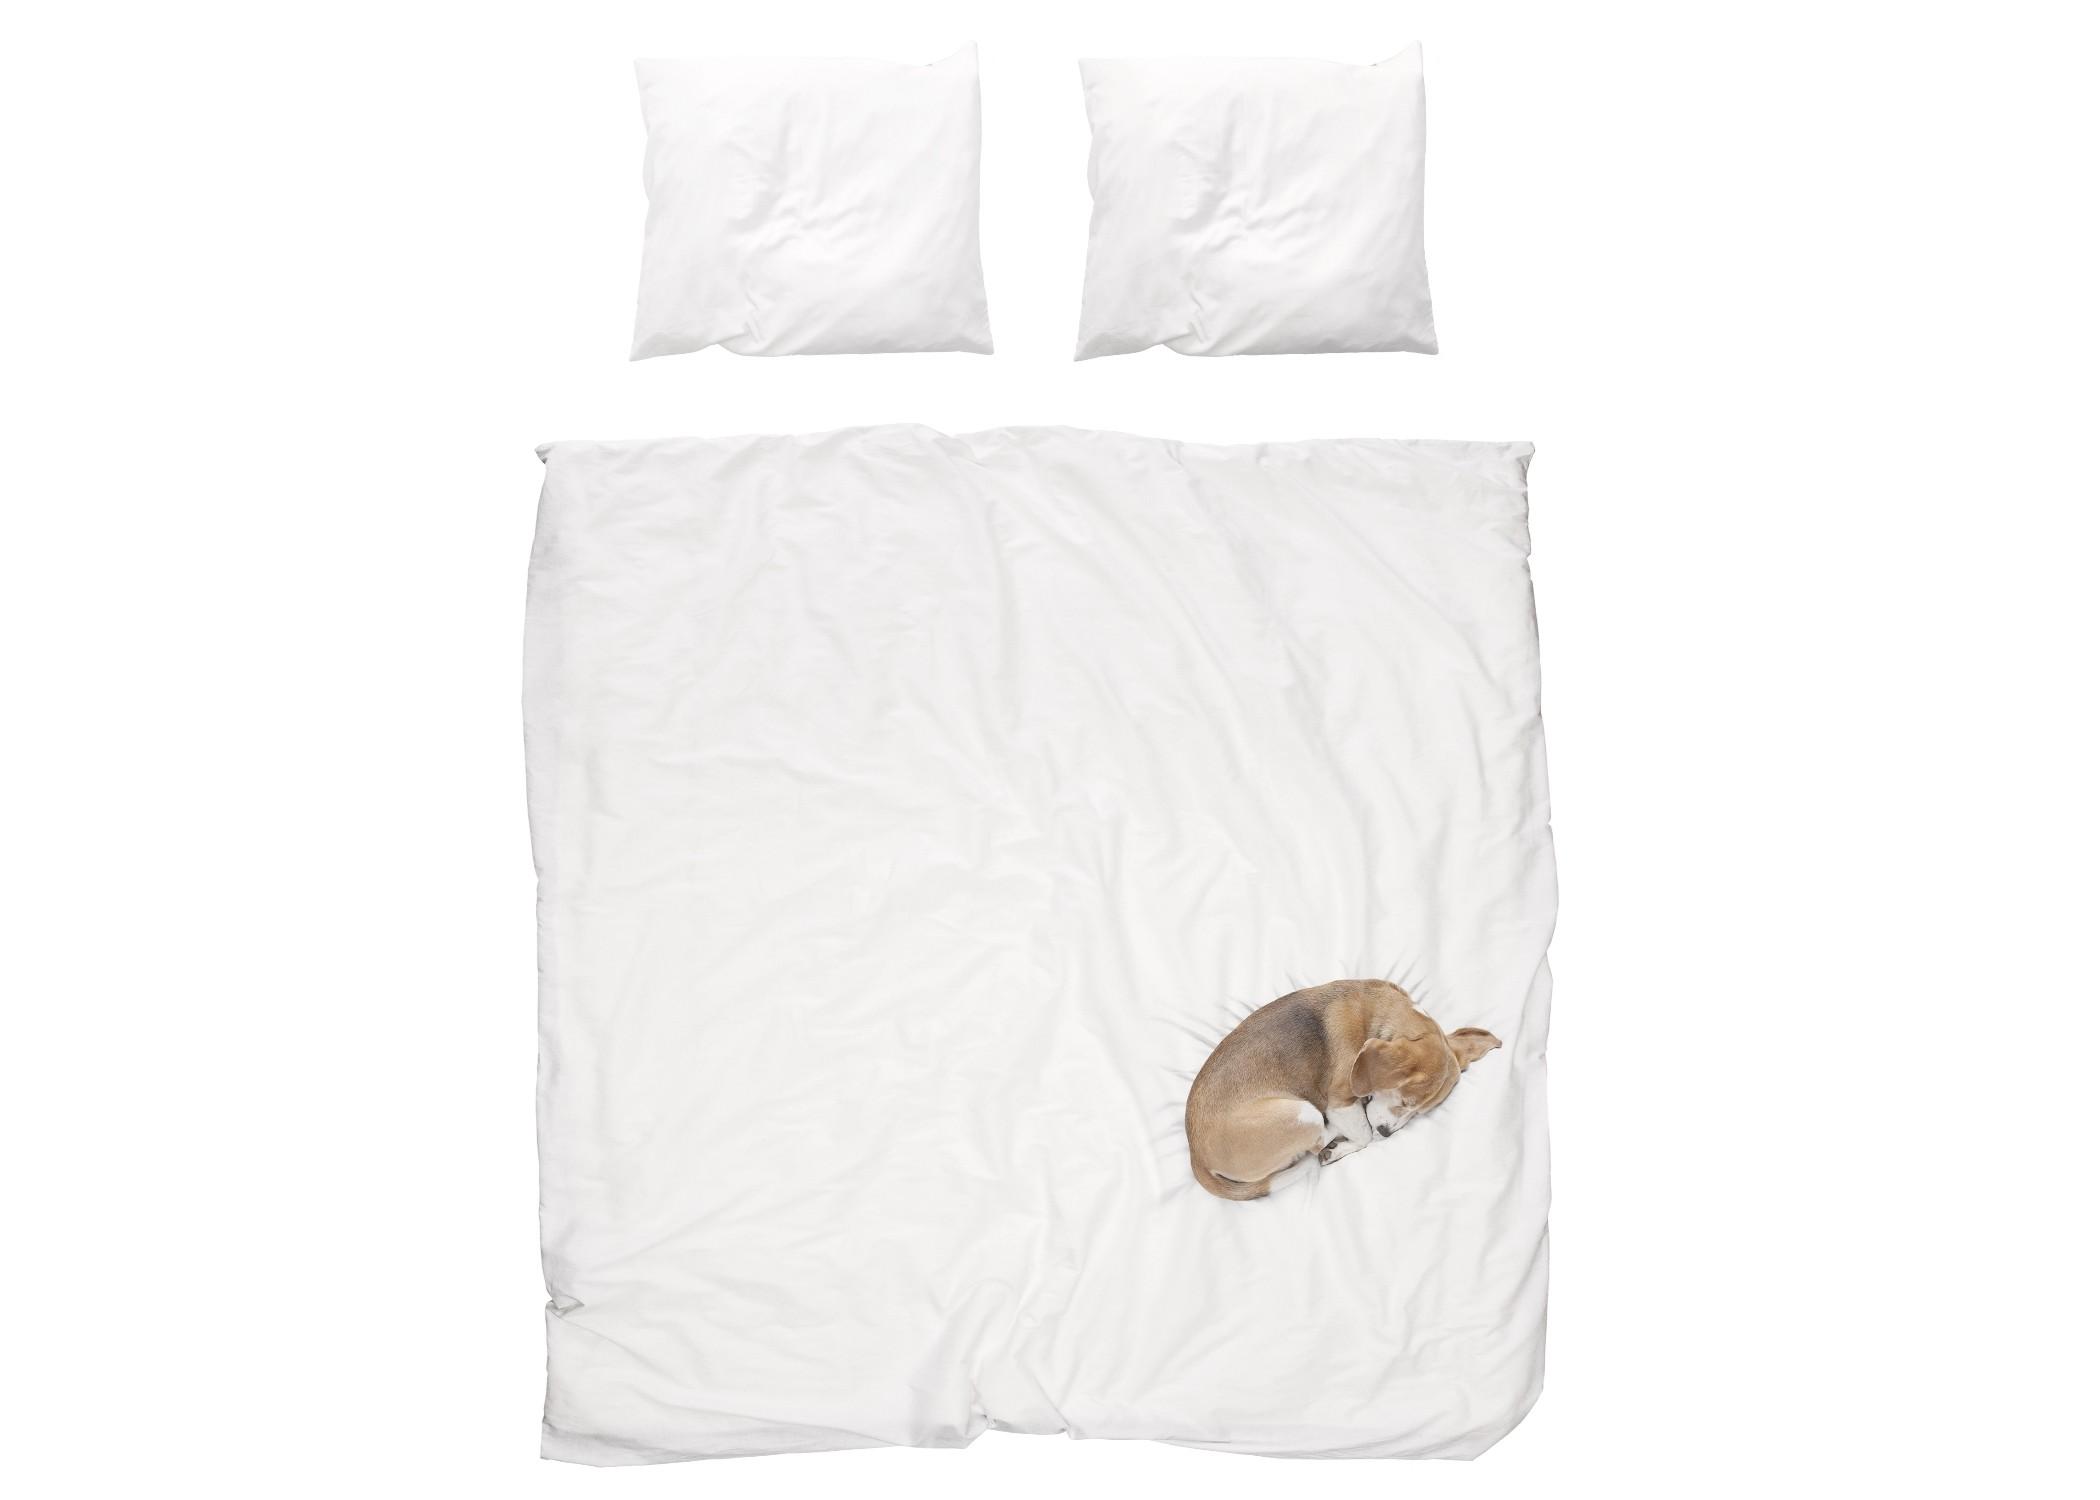 Комплект постельного белья Собака БобДвуспальные комплекты постельного белья<br>Знакомьтесь, это Боб. Боб любит все разнюхивать, гулять, баловаться и таскать угощения из кухни. Но больше всего Боб любит спать, свернувшись калачиком на мягкой и теплой постели своего хозяина. Он мог бы проспать весь день. И всю ночь.&amp;amp;nbsp;&amp;lt;div&amp;gt;&amp;lt;br&amp;gt;&amp;lt;/div&amp;gt;&amp;lt;div&amp;gt;Материал: 100% хлопок ПЕРКАЛЬ (плотность ткани 214г/м2).&amp;amp;nbsp;&amp;lt;div&amp;gt;&amp;lt;span style=&amp;quot;line-height: 1.78571;&amp;quot;&amp;gt;В комплект входит: пододеяльник 200х220см - 1 шт, наволочка 50х70см - 2 шт.&amp;lt;/span&amp;gt;&amp;lt;br&amp;gt;&amp;lt;/div&amp;gt;&amp;lt;/div&amp;gt;<br><br>Material: Хлопок<br>Ширина см: 200<br>Глубина см: 220